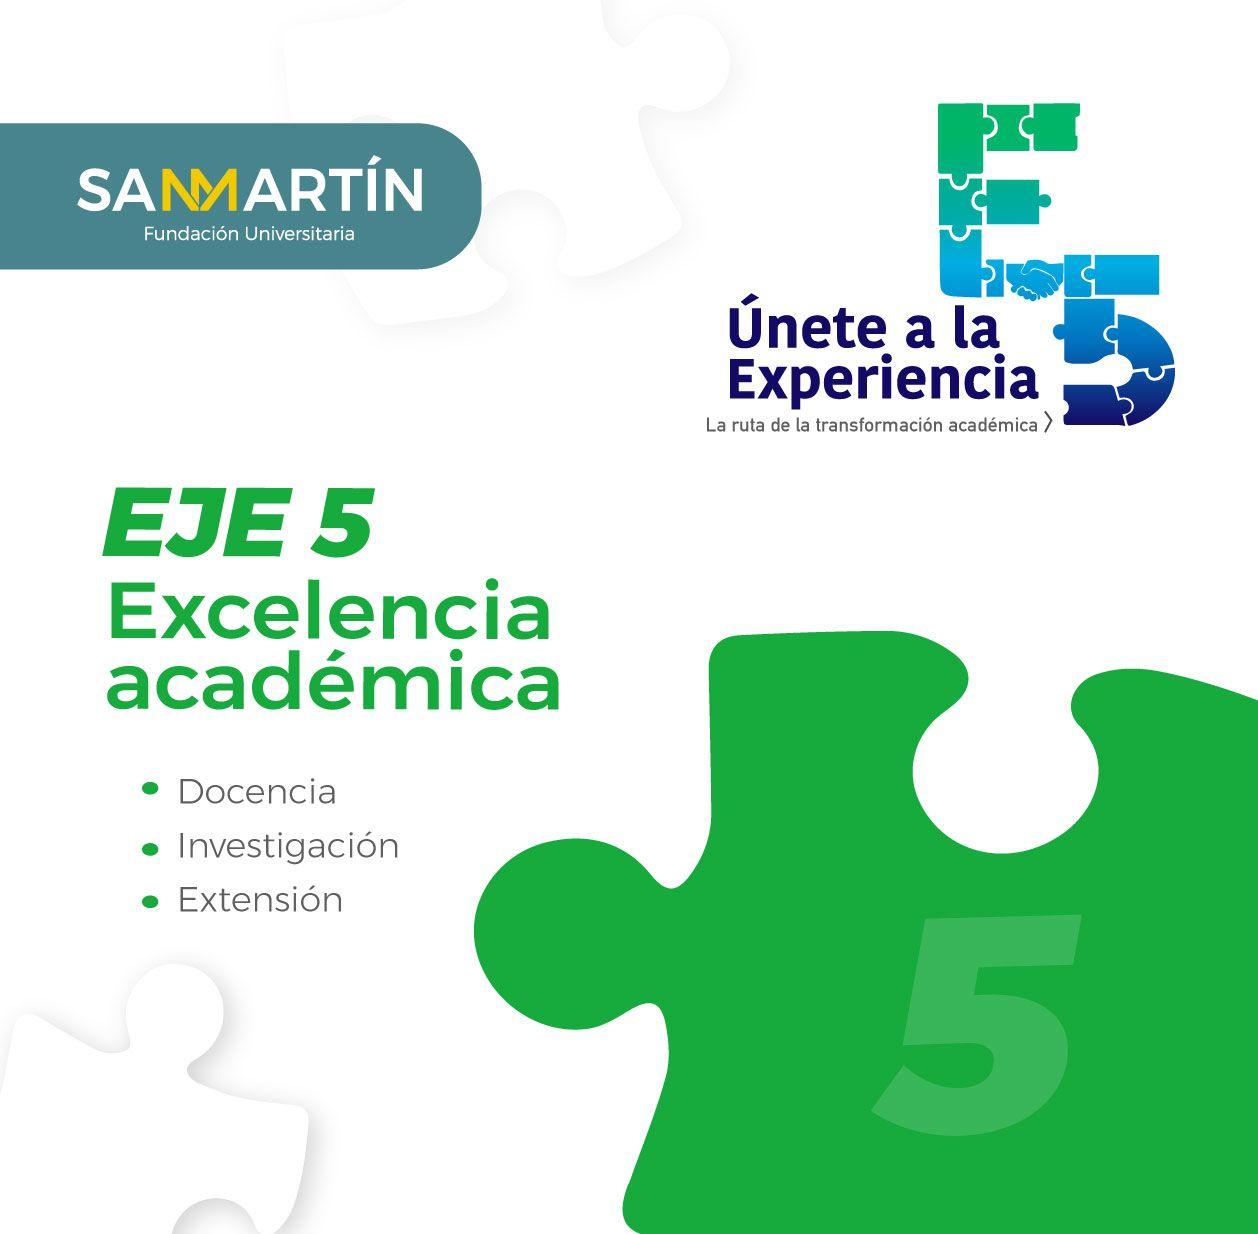 experiencia e5 eje 5